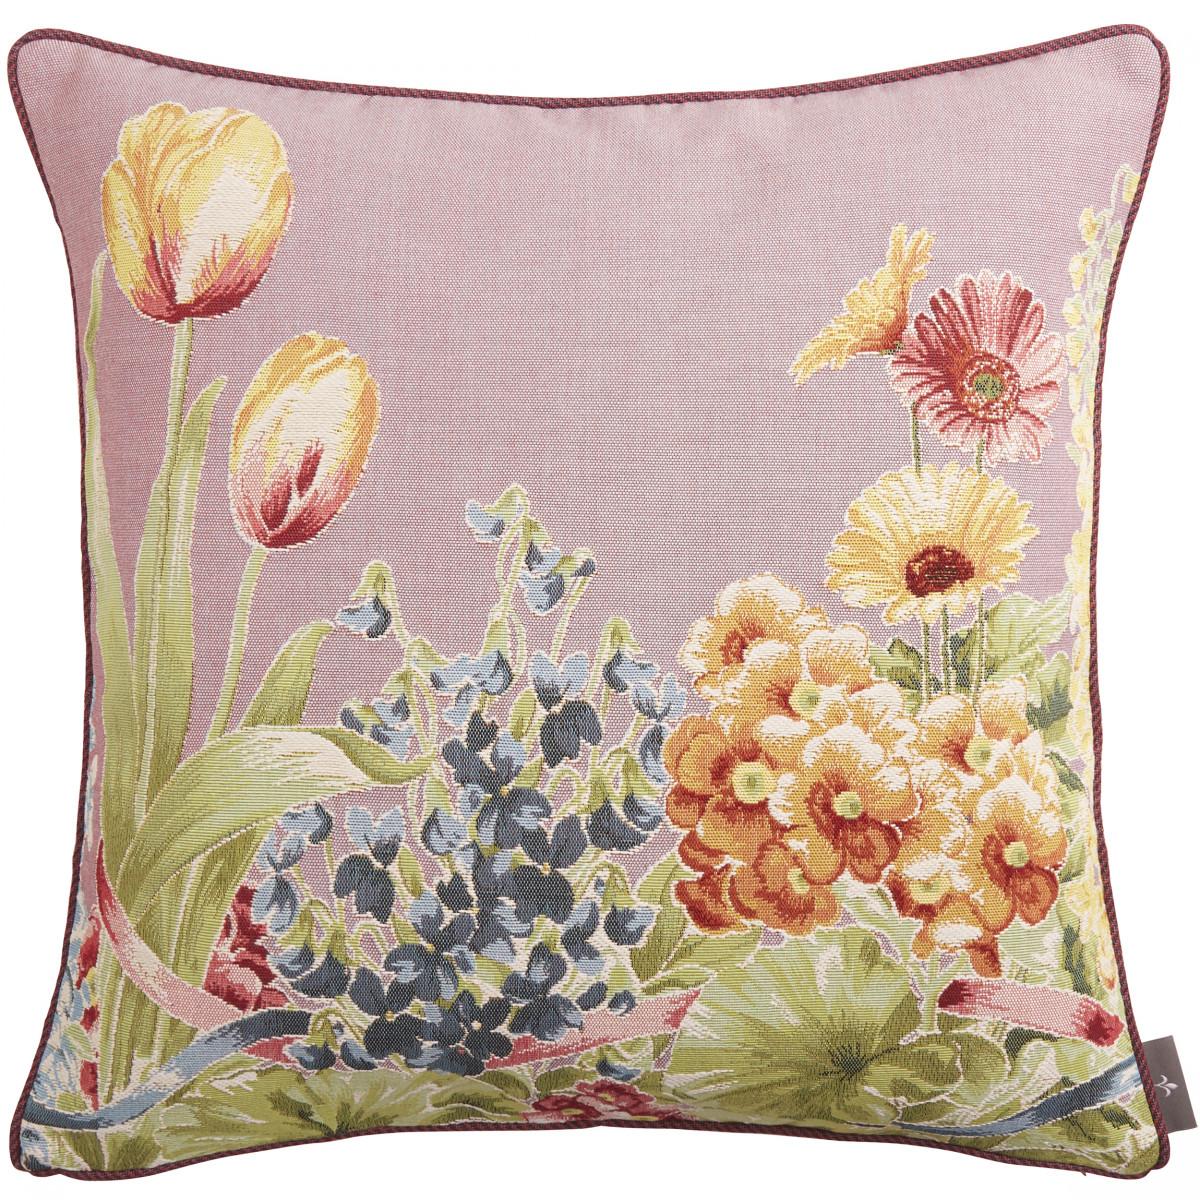 Coussin tapisserie jardin de fleurs Violet 50 x 50